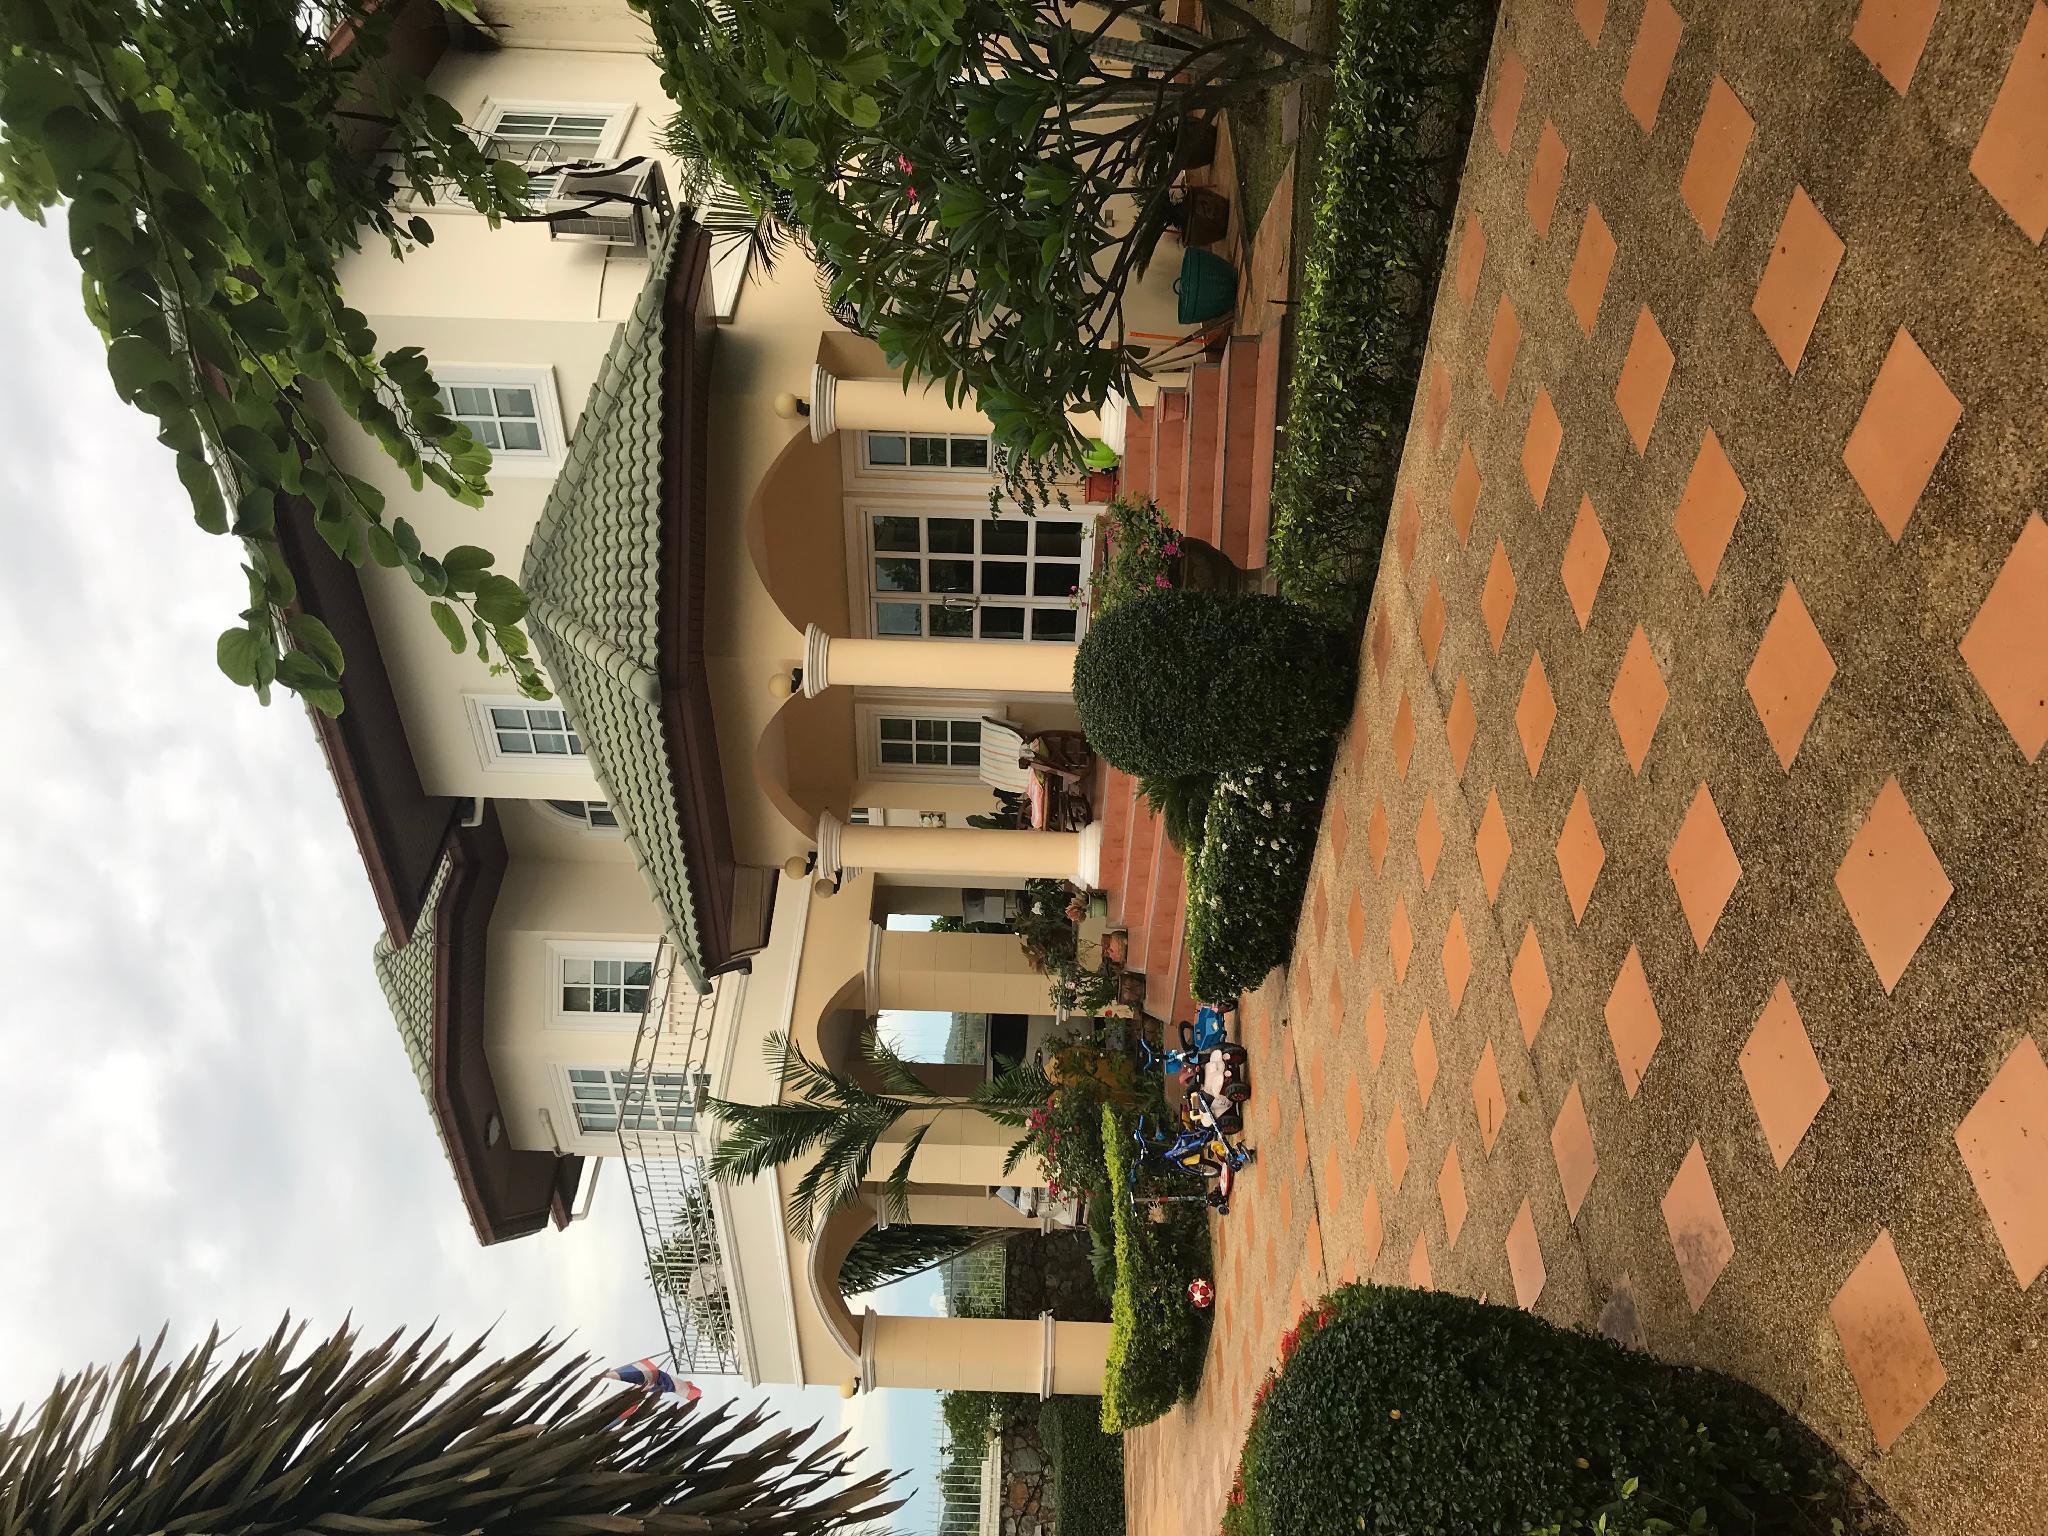 Big home สตูดิโอ บ้านเดี่ยว 6 ห้องน้ำส่วนตัว ขนาด 243 ตร.ม. – มาบประชันเรเซอเวอร์